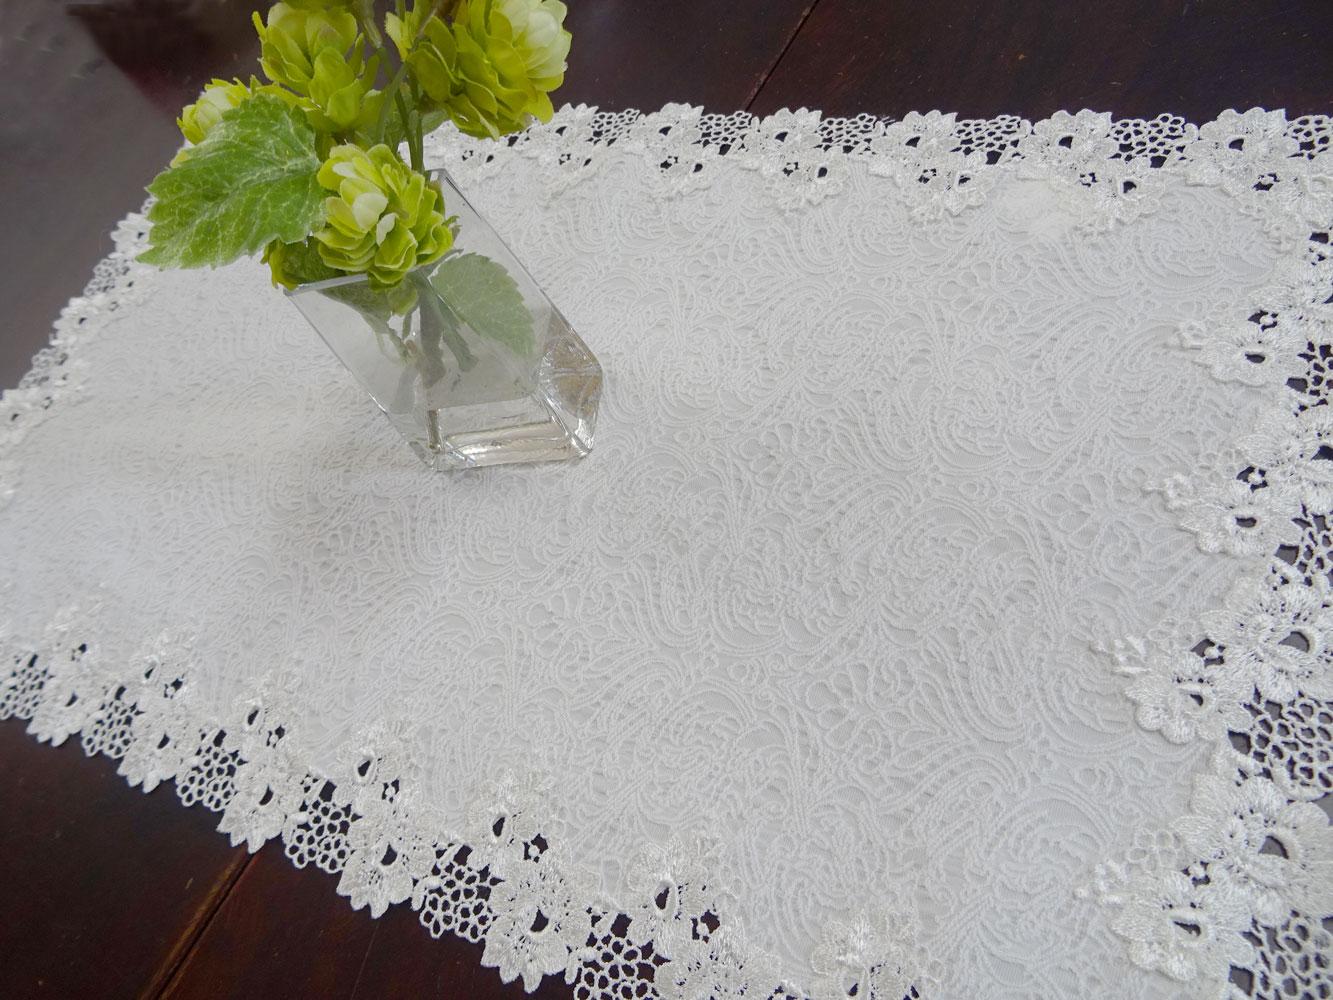 真っ白で二重生地 珍しく優しい雰囲気 『テーブルセンター』 玄関 リビングに  大きめドイリー